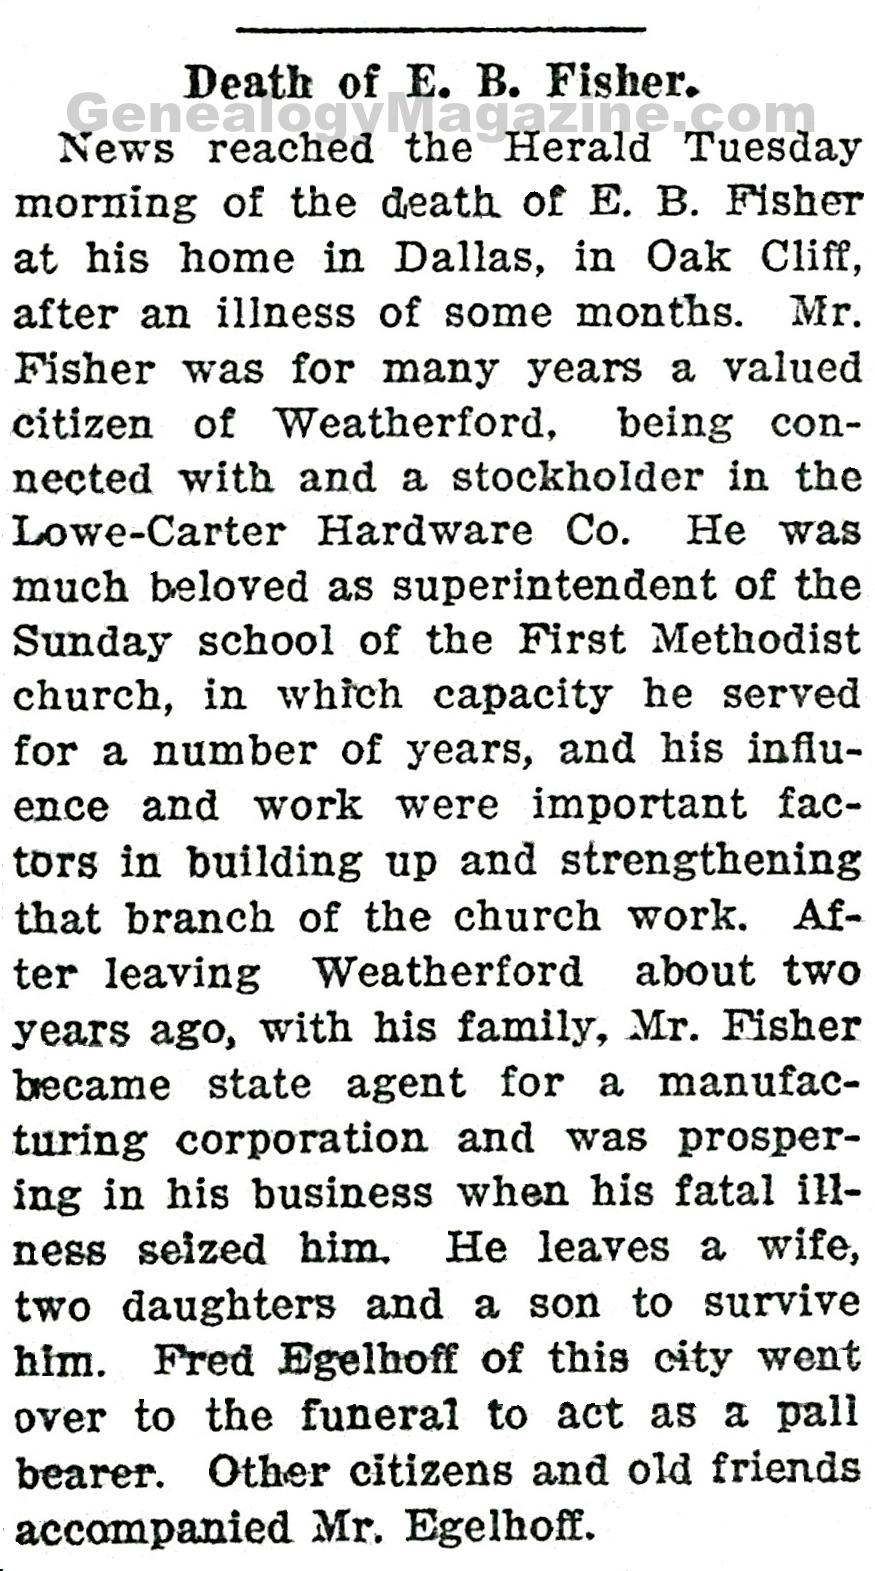 E B Fisher obituary